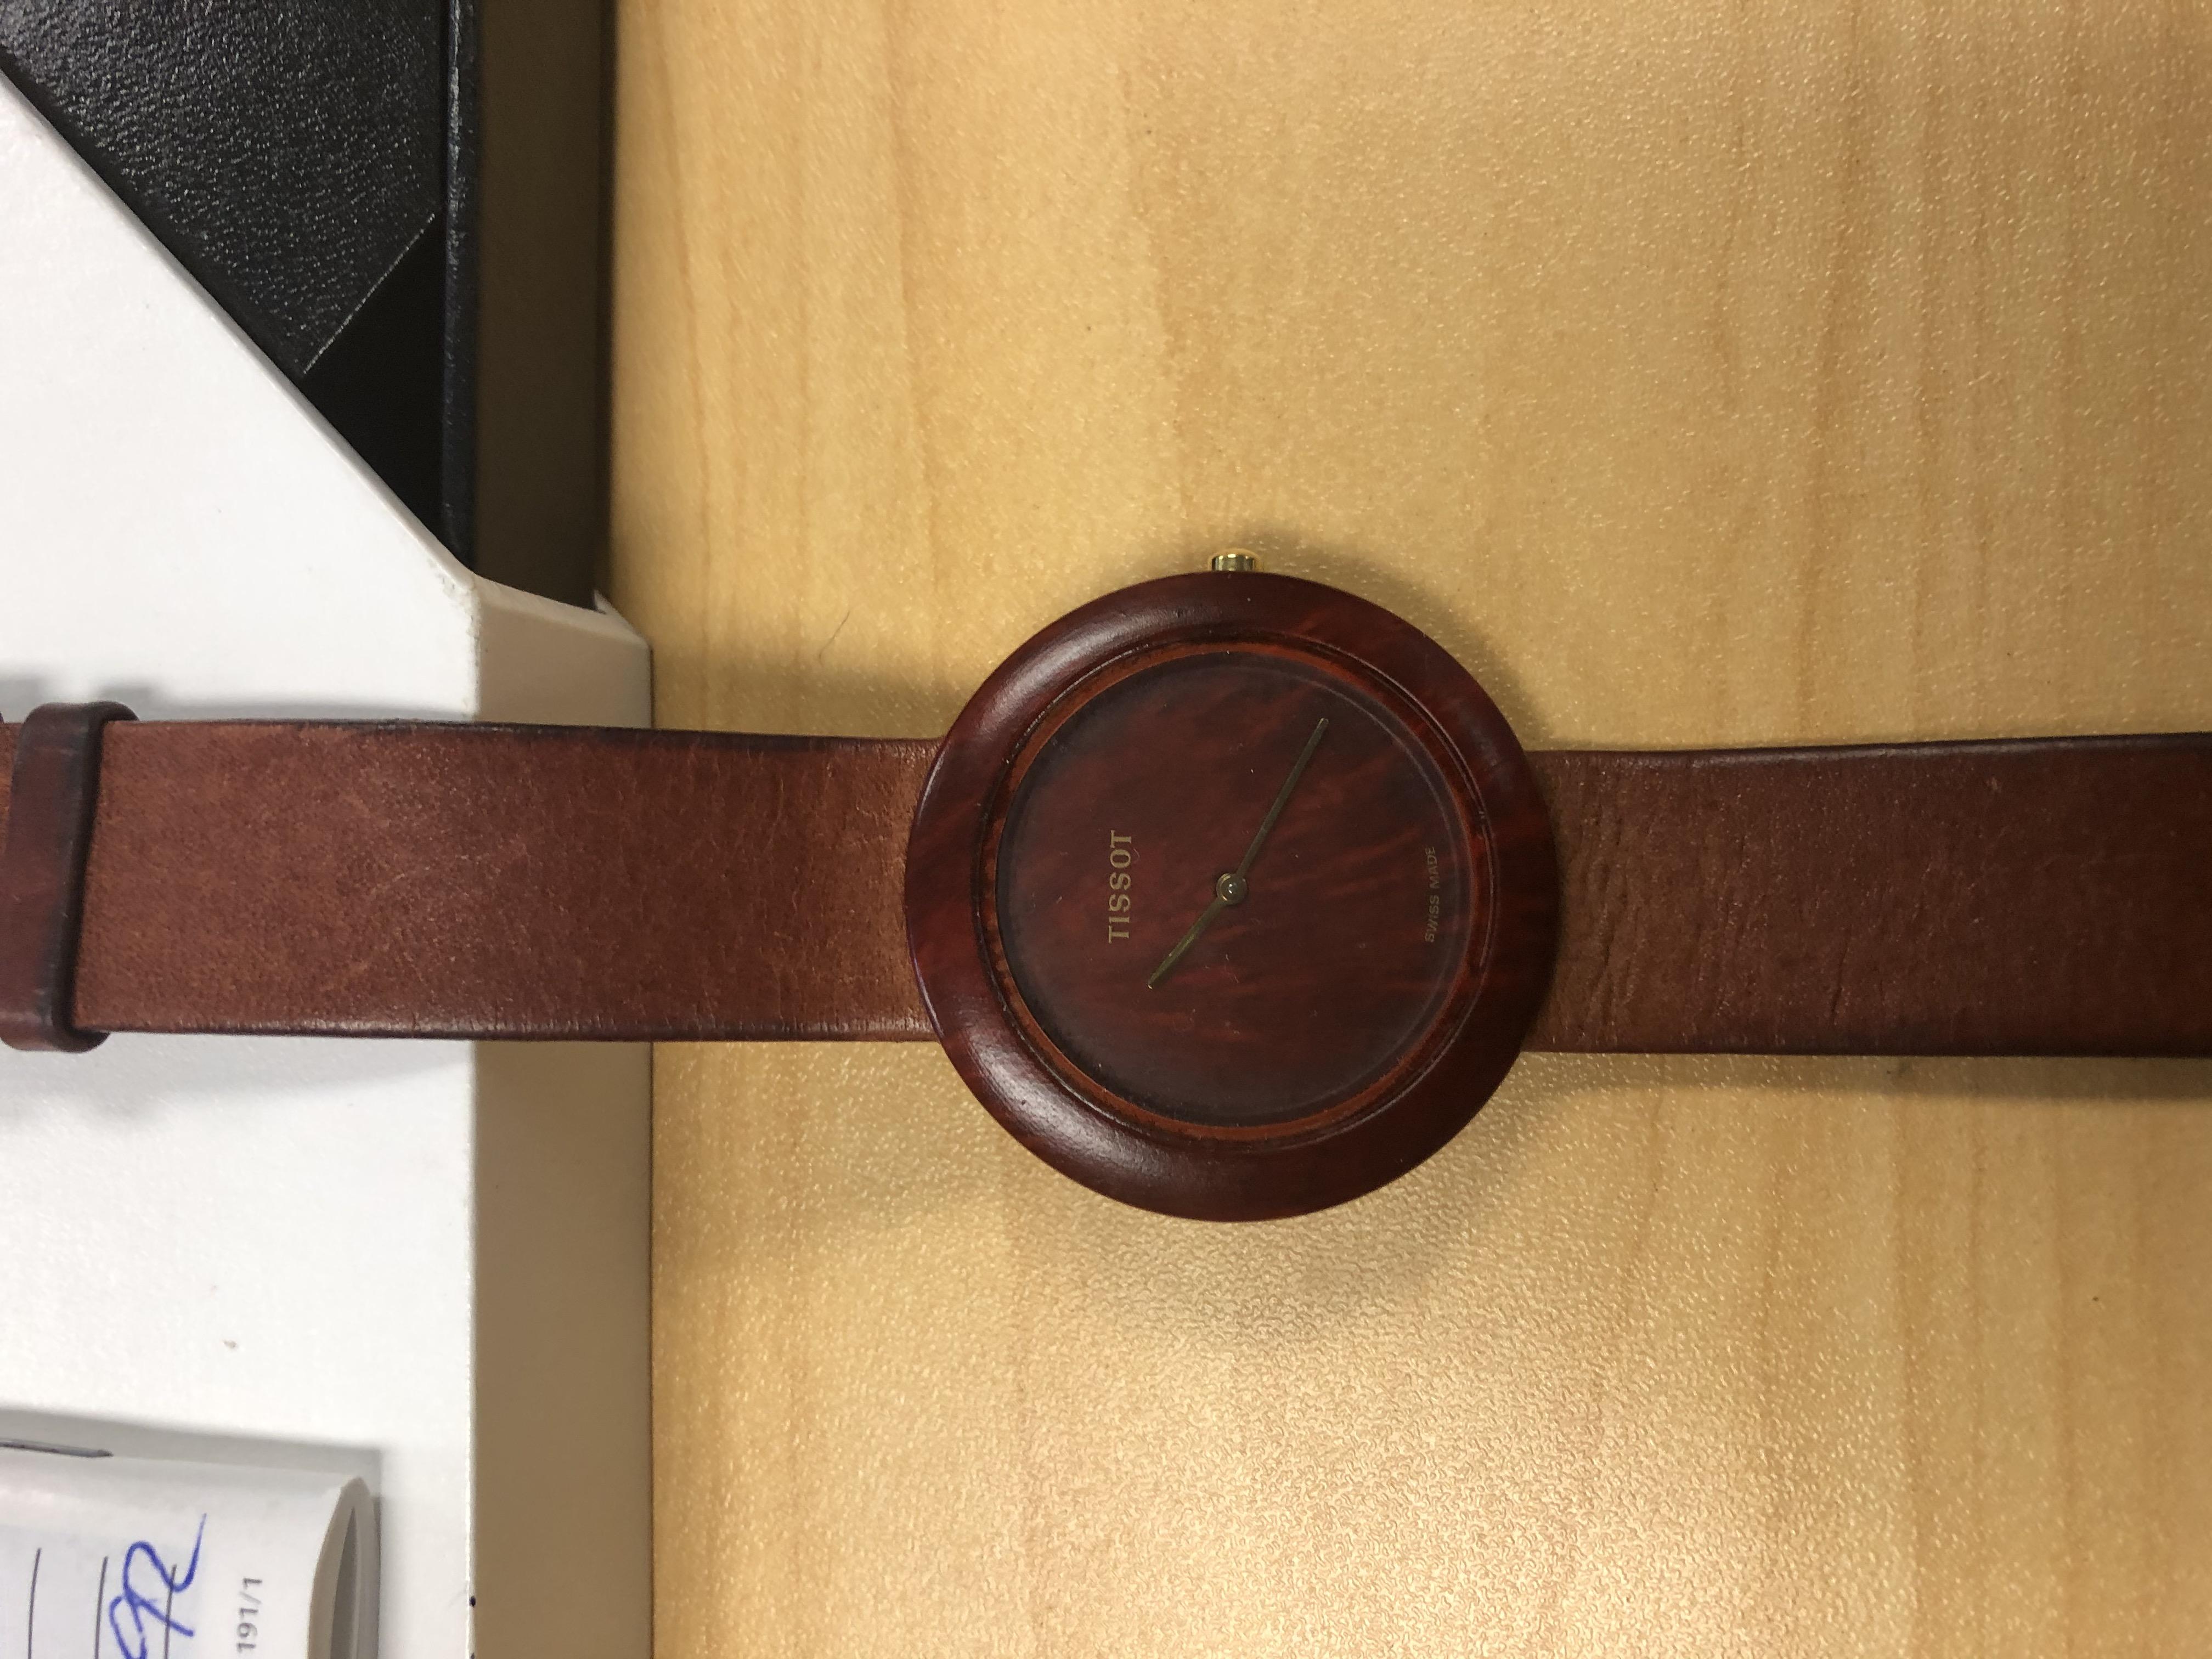 Tisscot Swiss Watch